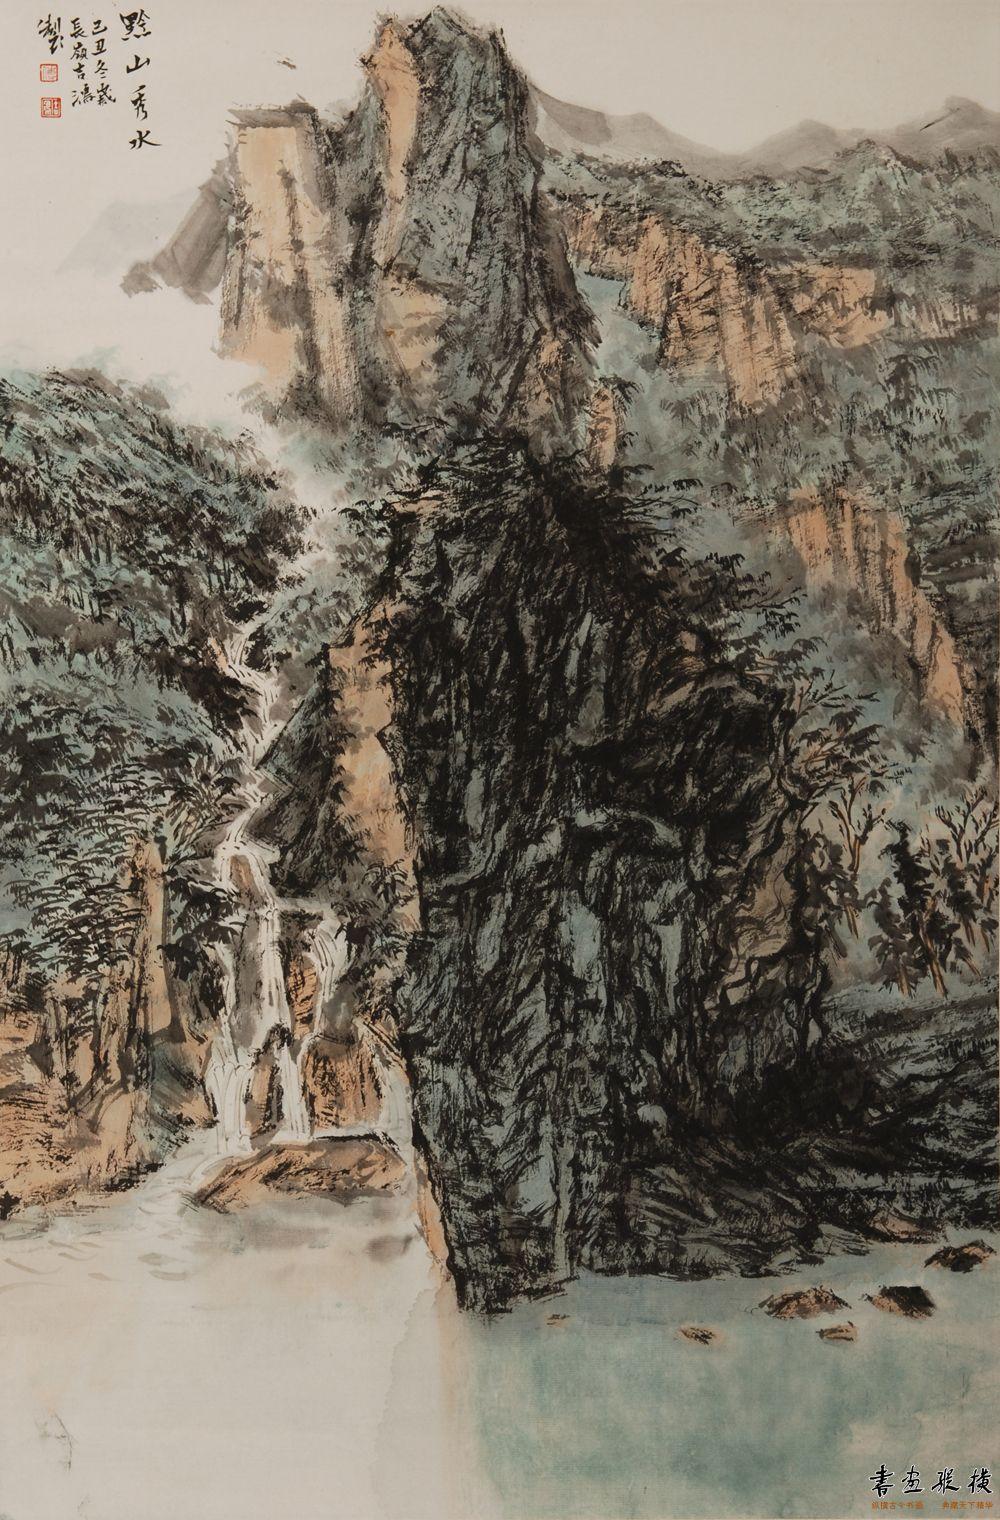 傅吉鸿 黔山秀水45.5×69.5cm 纸本水墨2009年